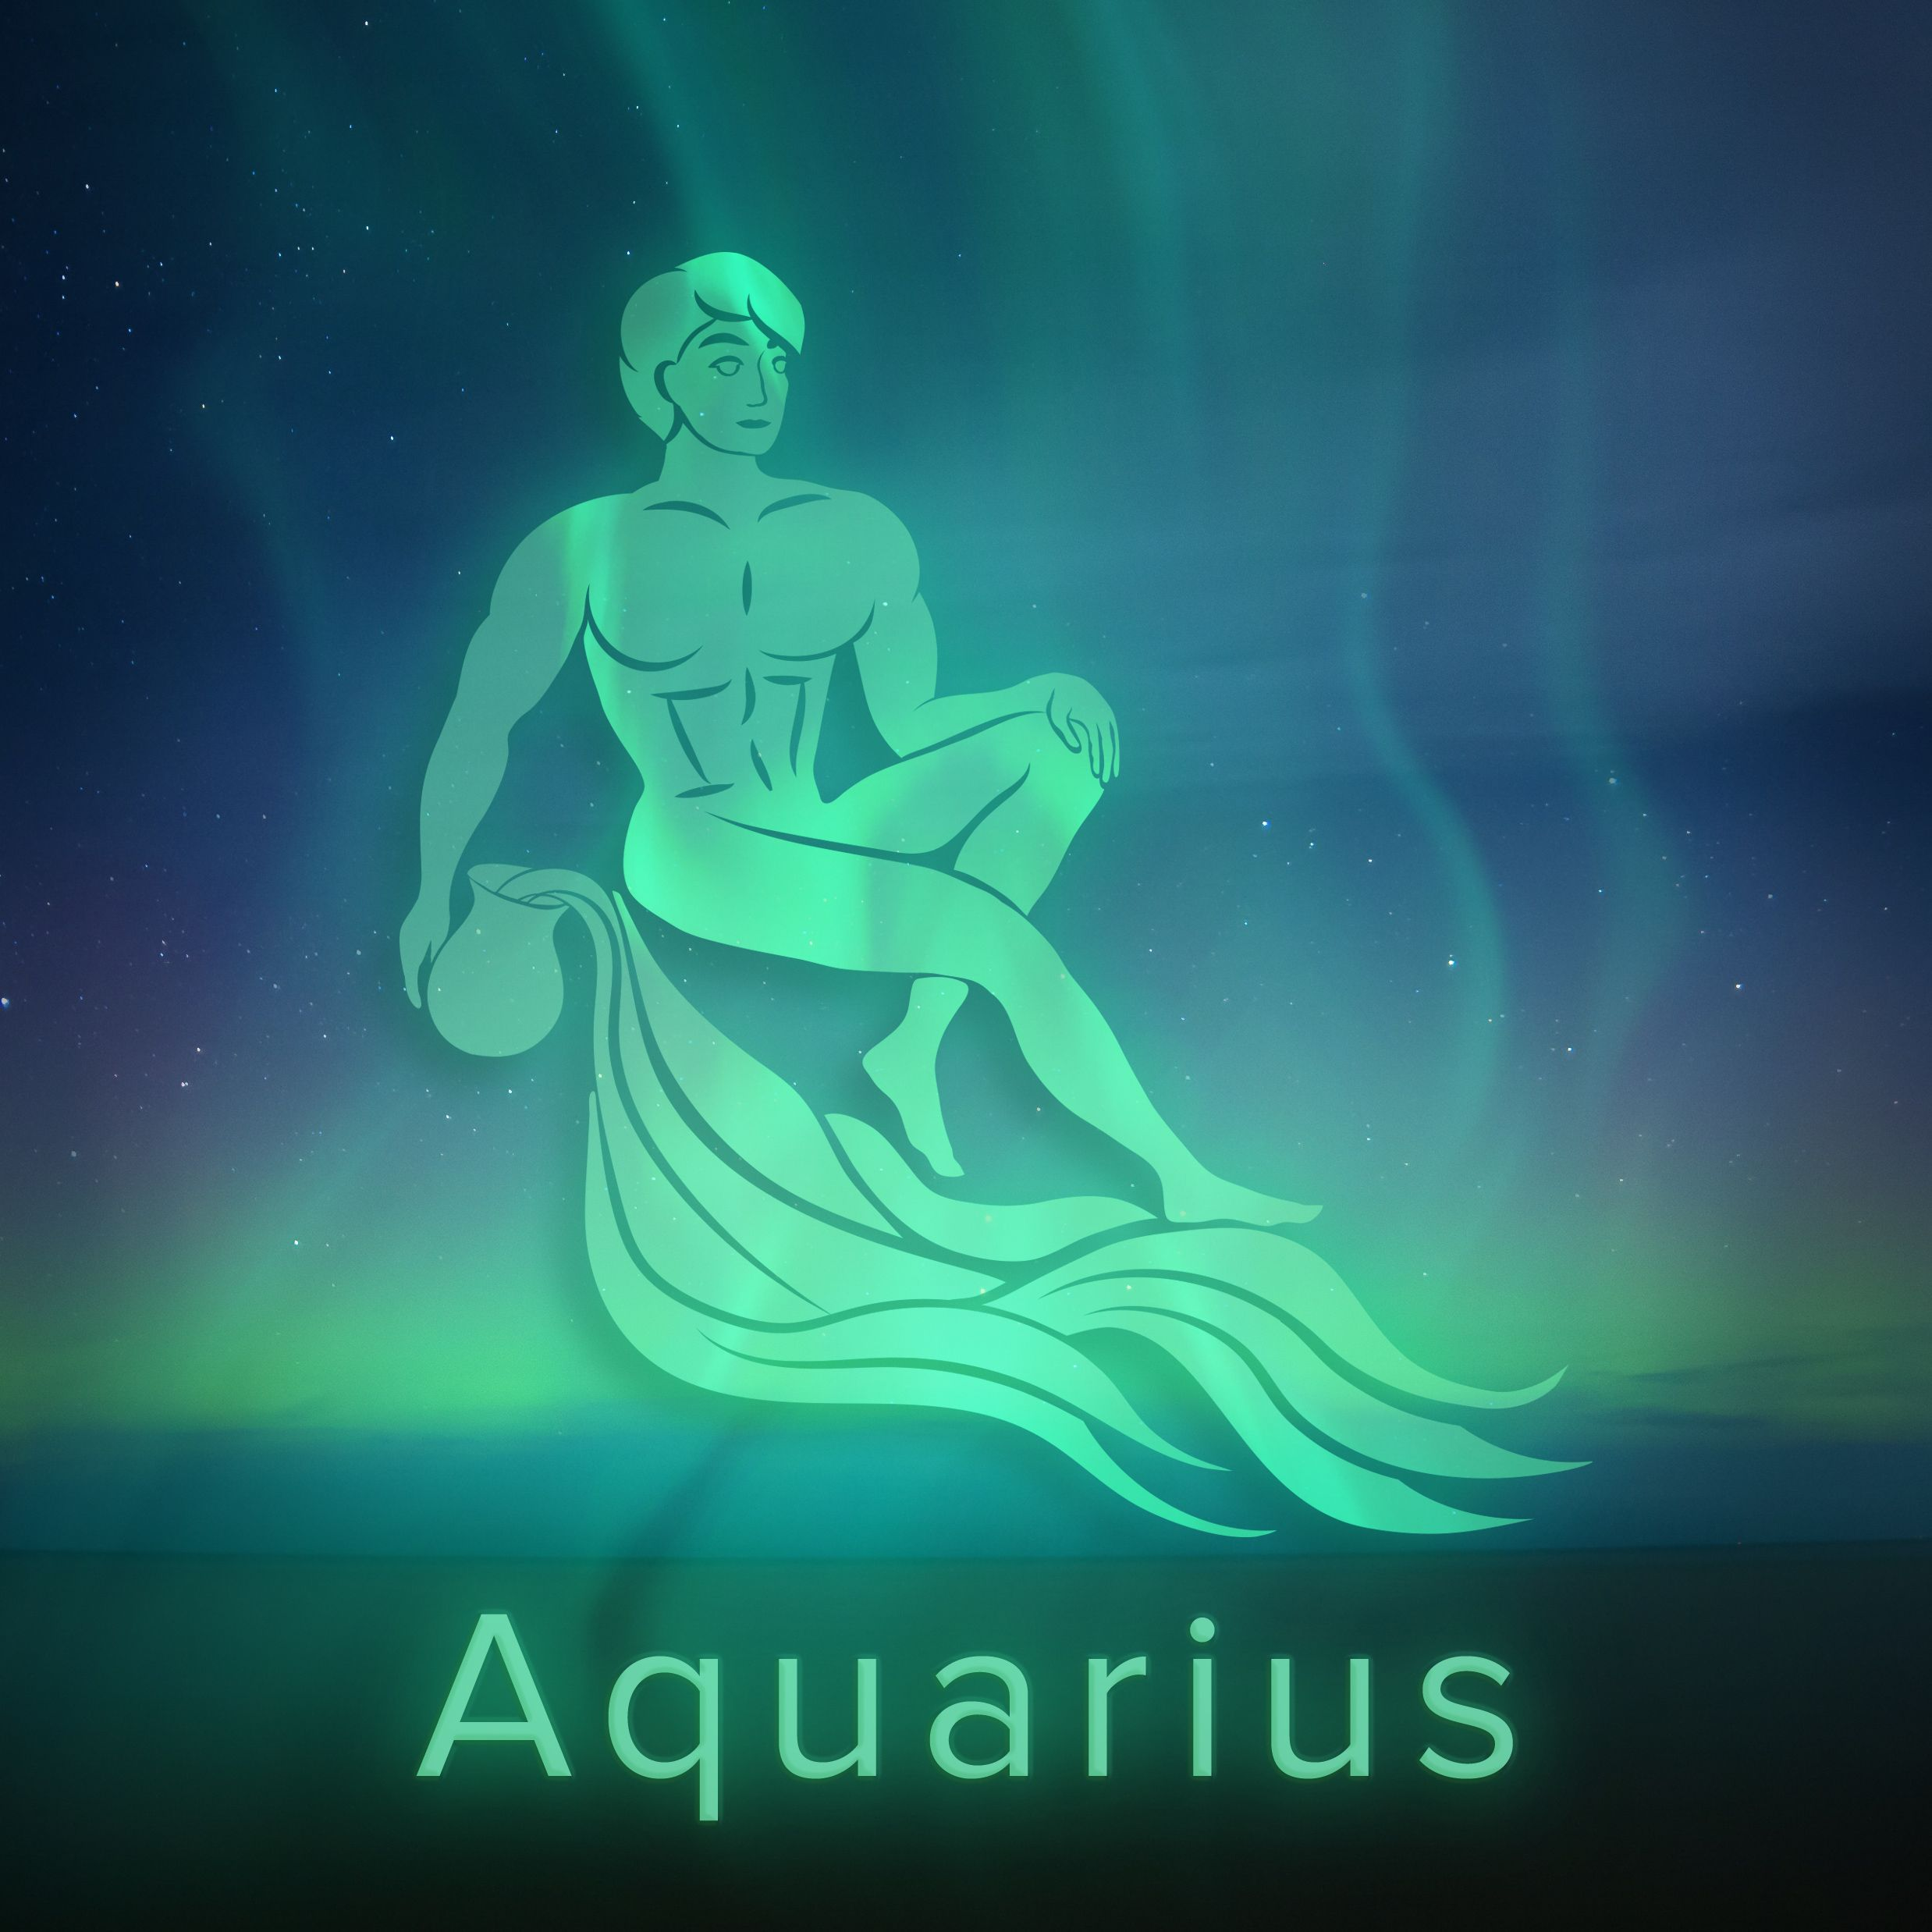 #Aquarius #Zodiac #Starsign #Horoscopes